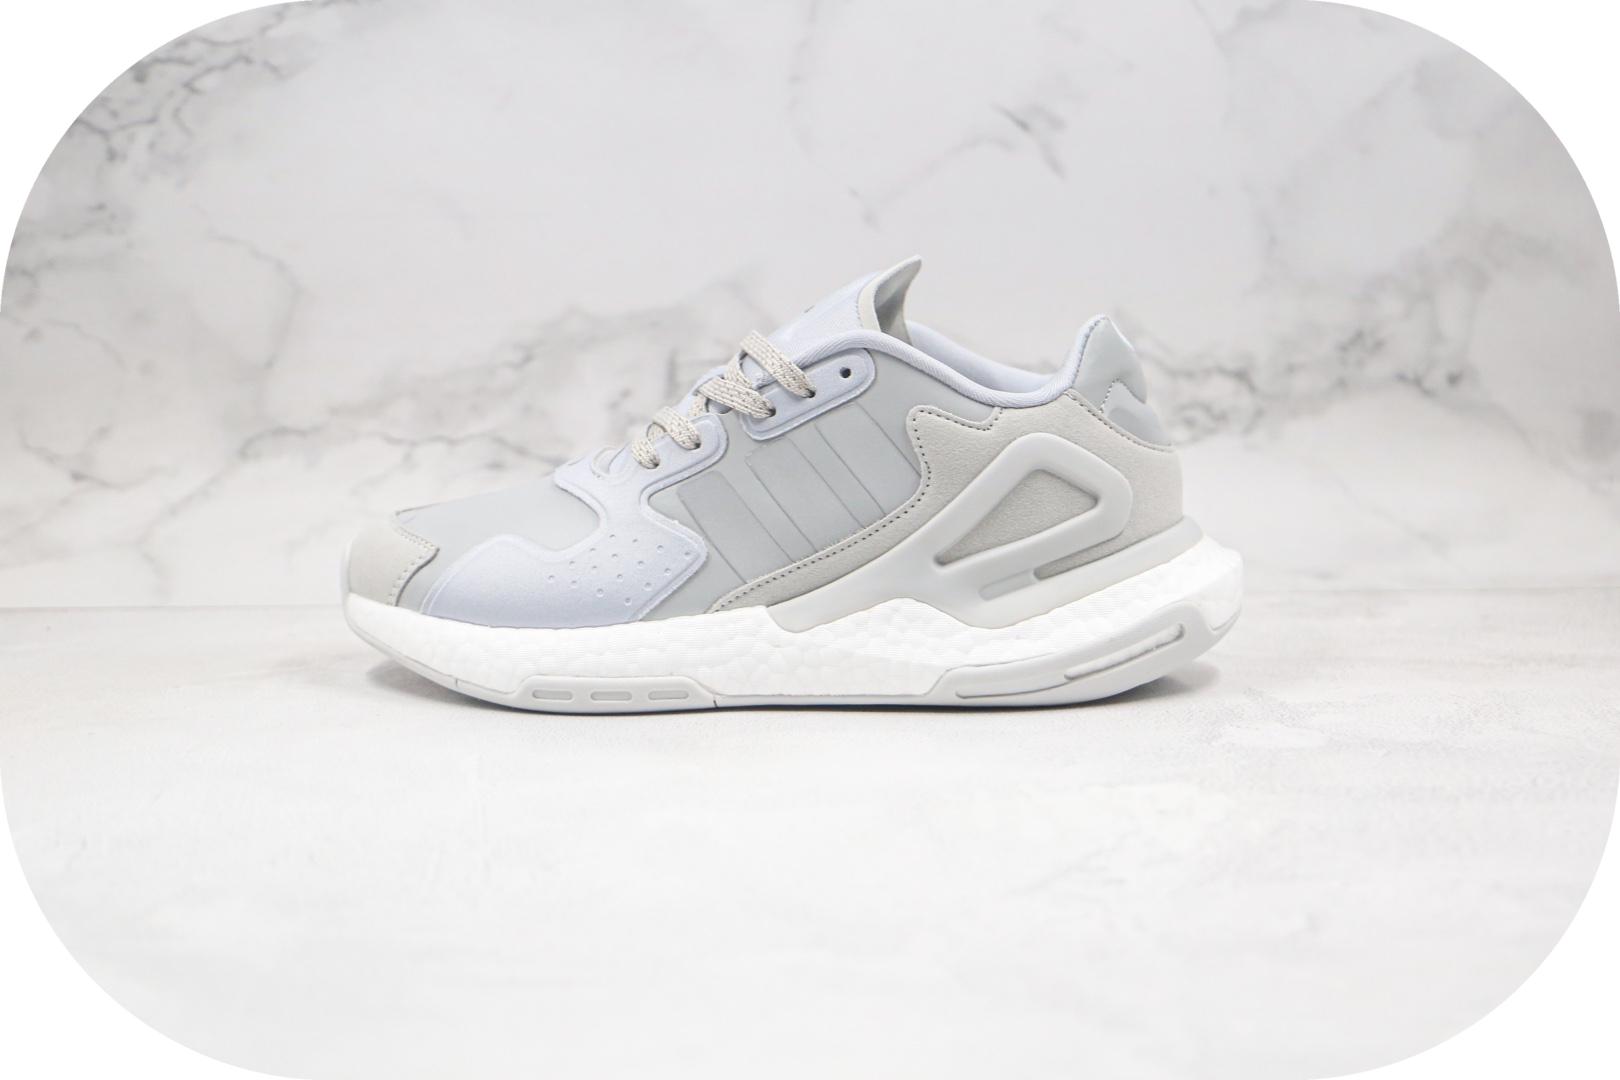 阿迪达斯Adidas Originals 2020 Day Jogger Boost纯原版本夜行者二代爆米花跑鞋灰白色原楦头纸板打造 货号:FW4823